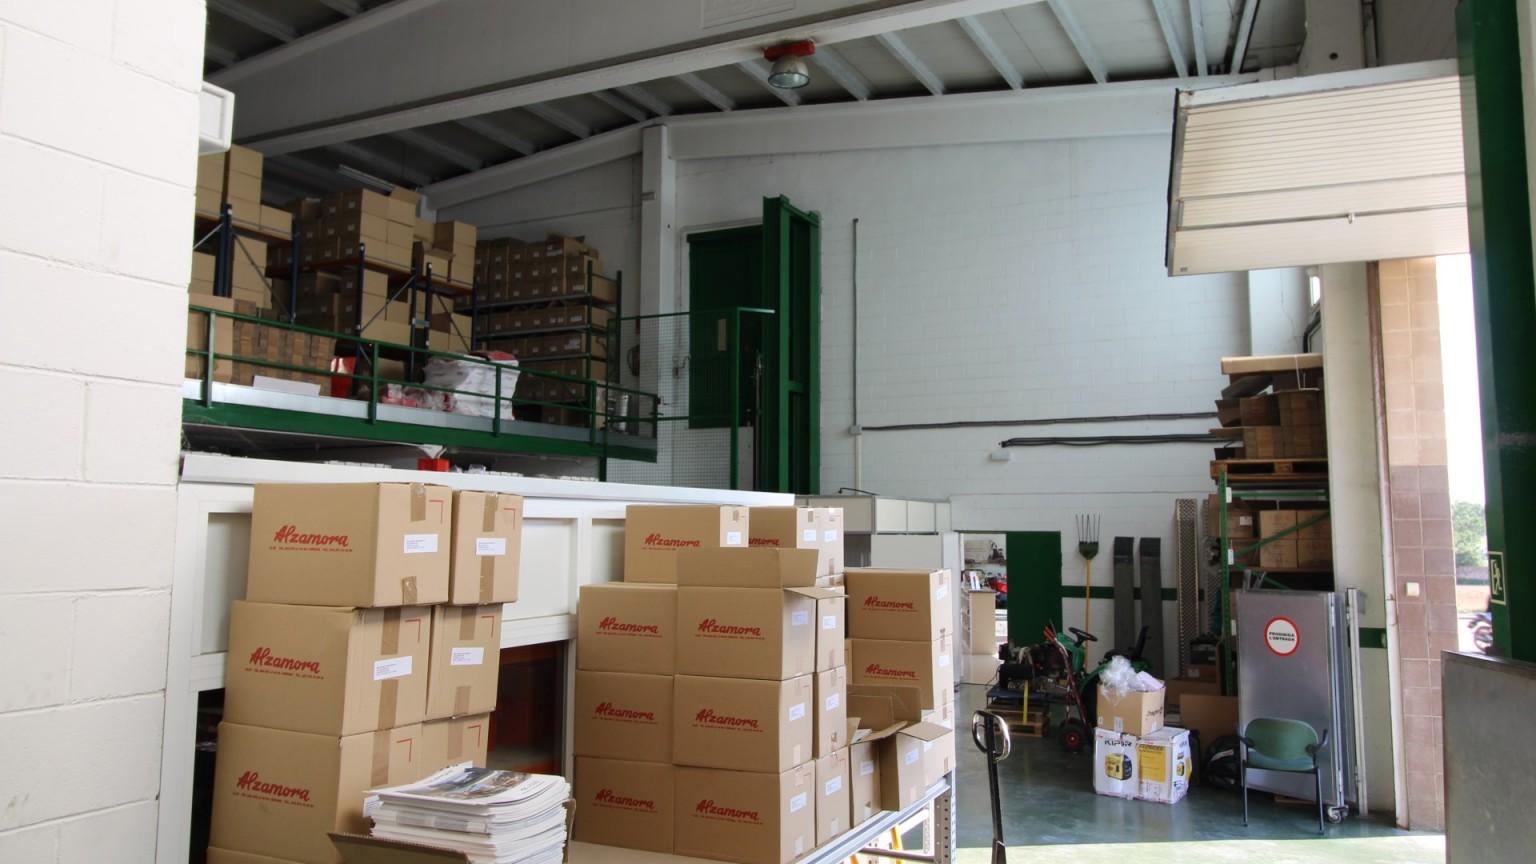 Nave en venta, situada en Vilafant ,almacén, altillo y oficinas. Sup.const. 2.075m².